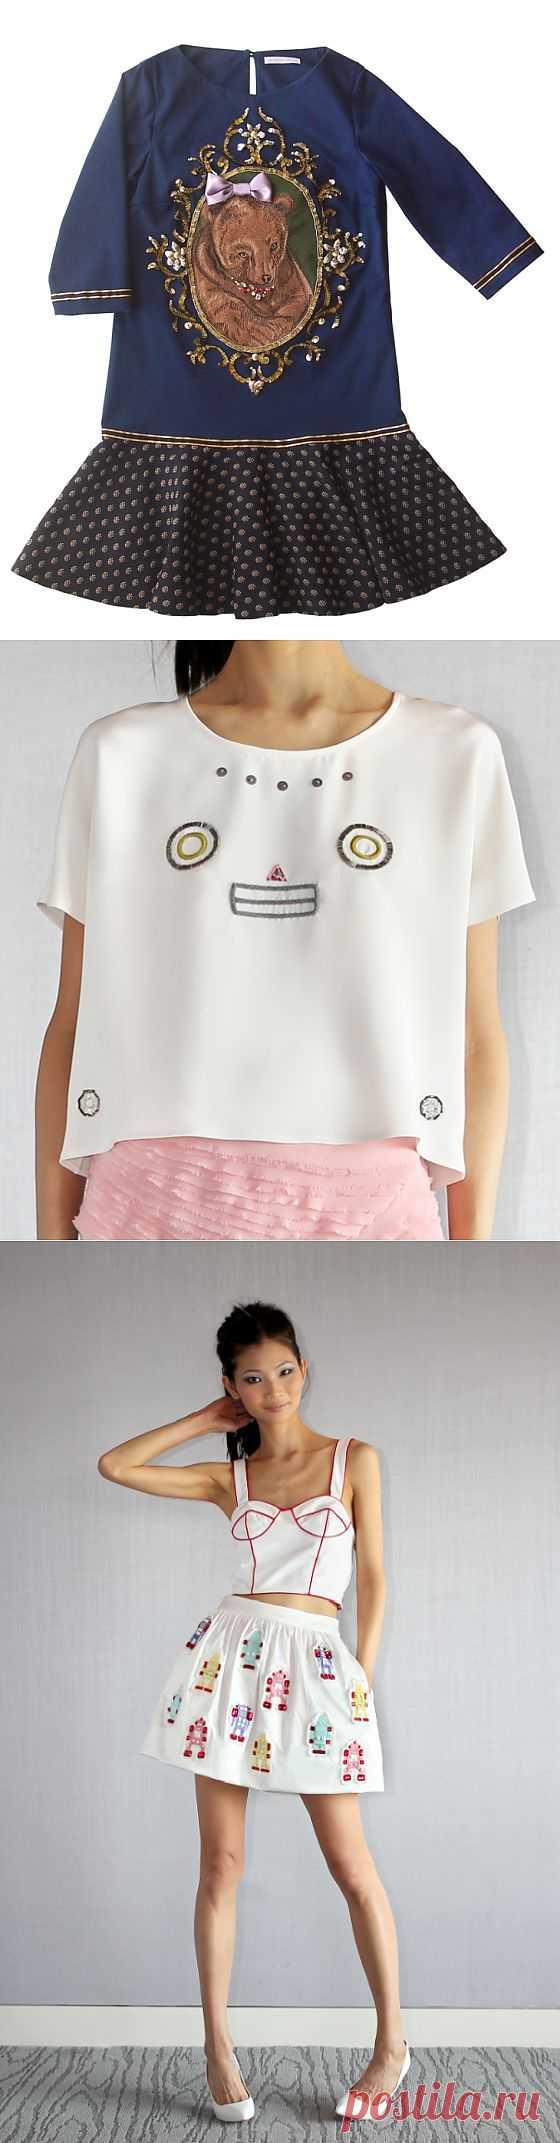 Мишки и роботы в творчестве Патриции Чанг (трафик) / Дизайнеры / Модный сайт о стильной переделке одежды и интерьера